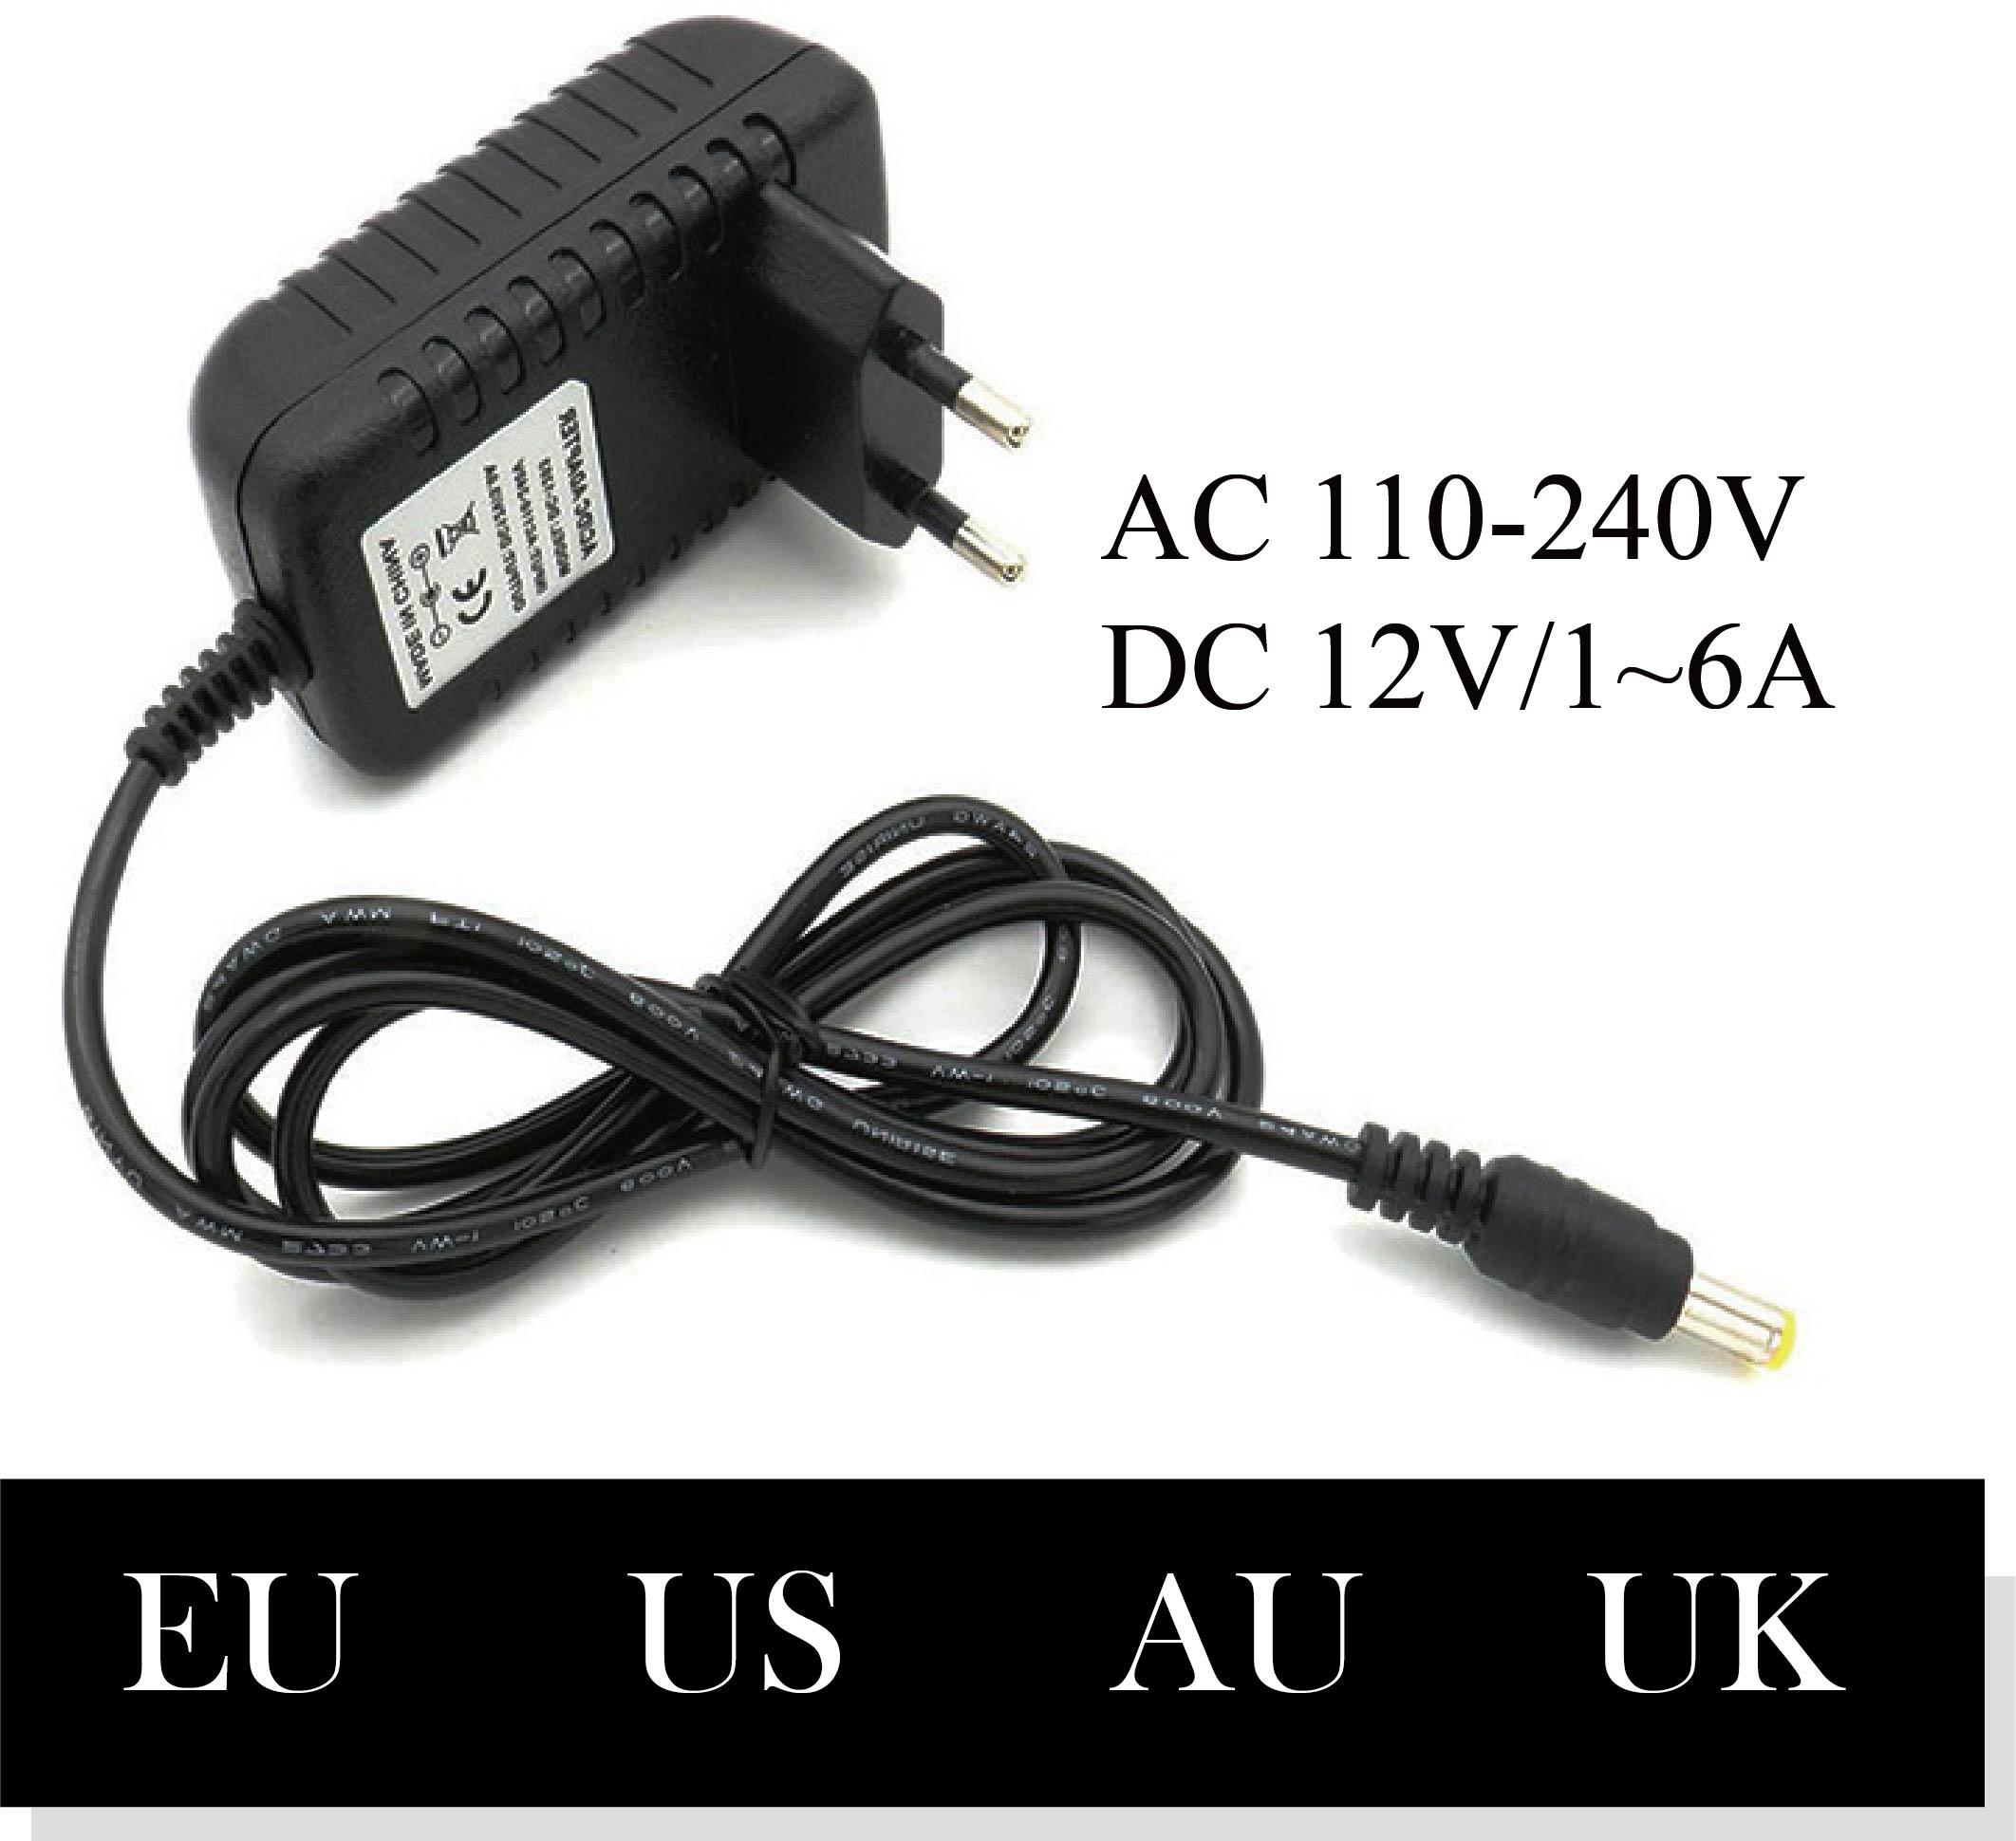 110-240v 12v 1a 2a 3a 5a 6a ac para dc adaptador de alimentação universal carregador led luz tira plug